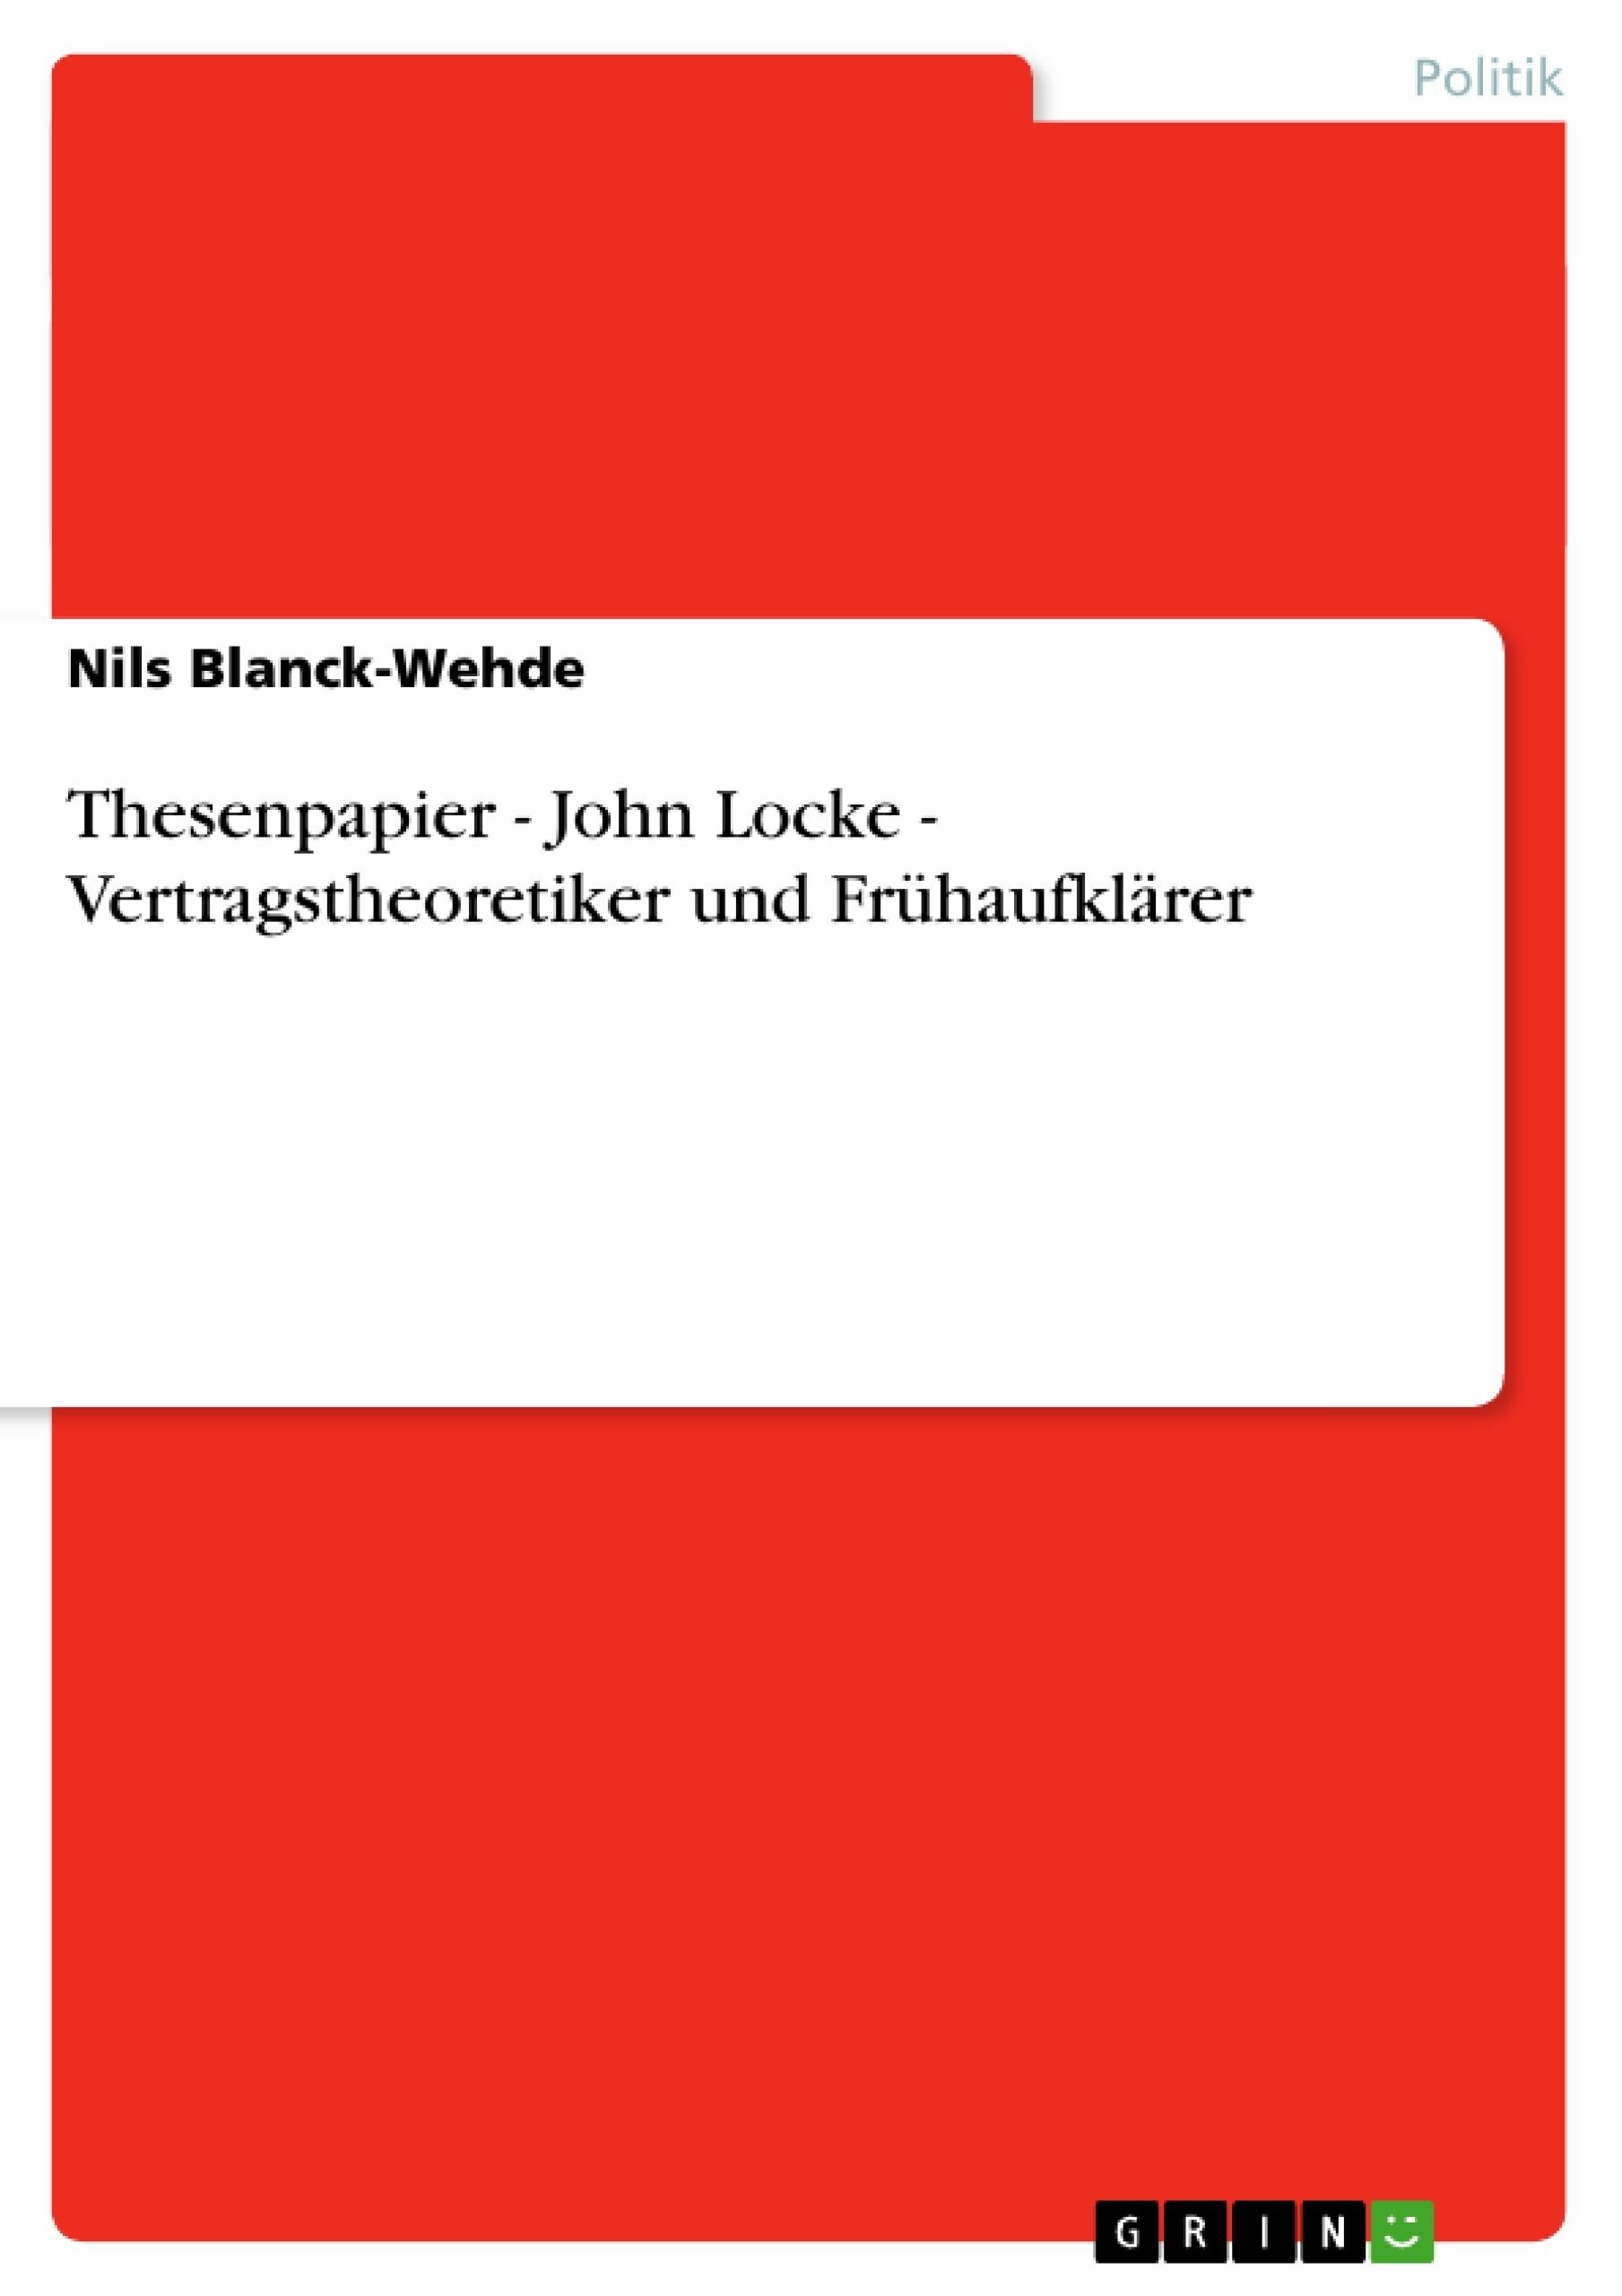 Titel: Thesenpapier - John Locke - Vertragstheoretiker und Frühaufklärer